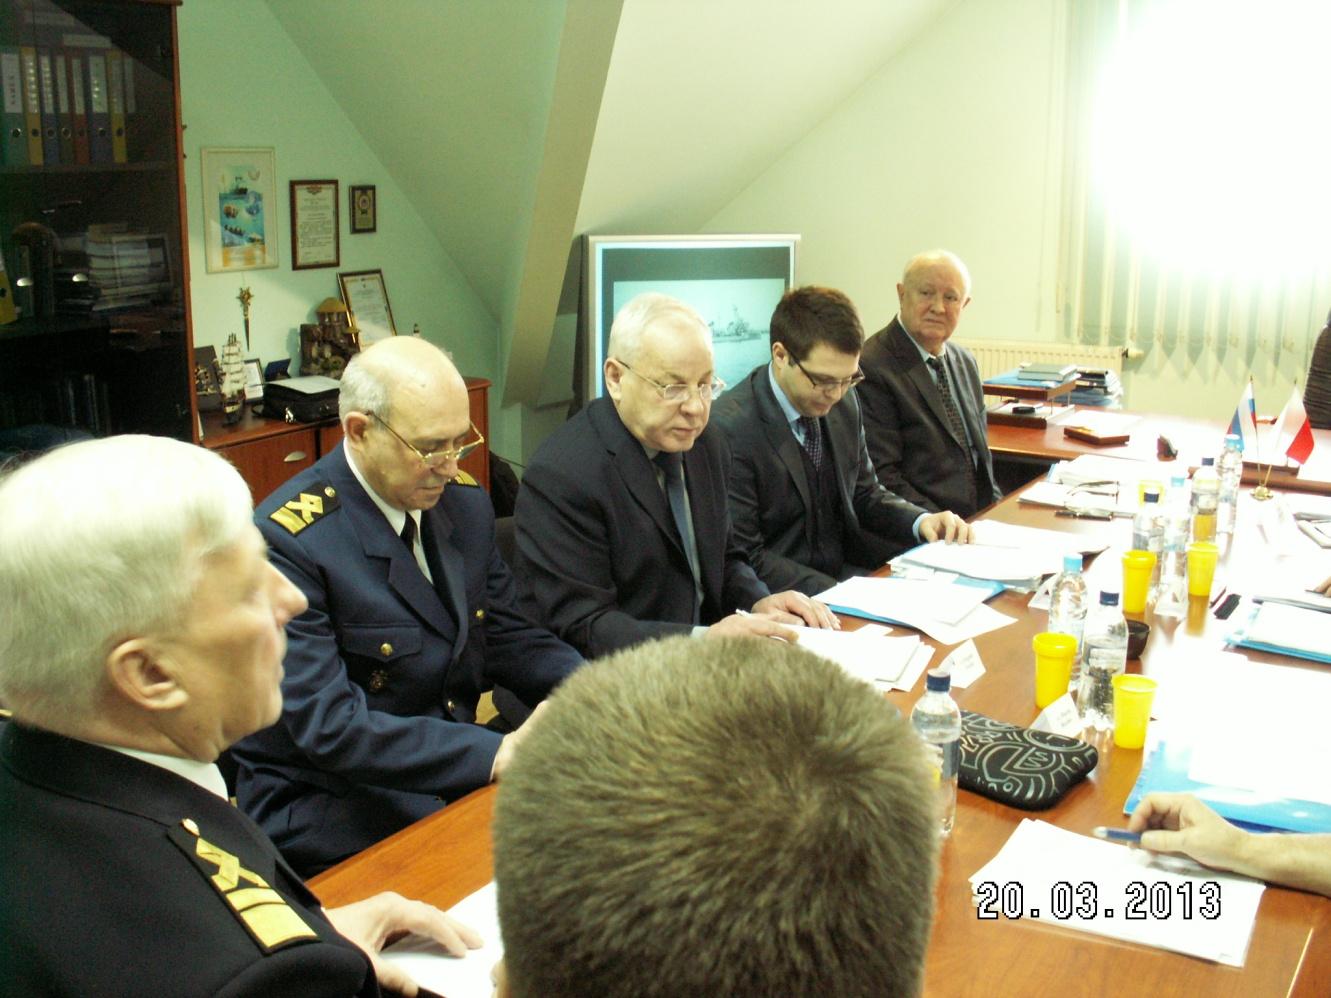 Пресс-релиз российско-польской встречи в г.Калининграде